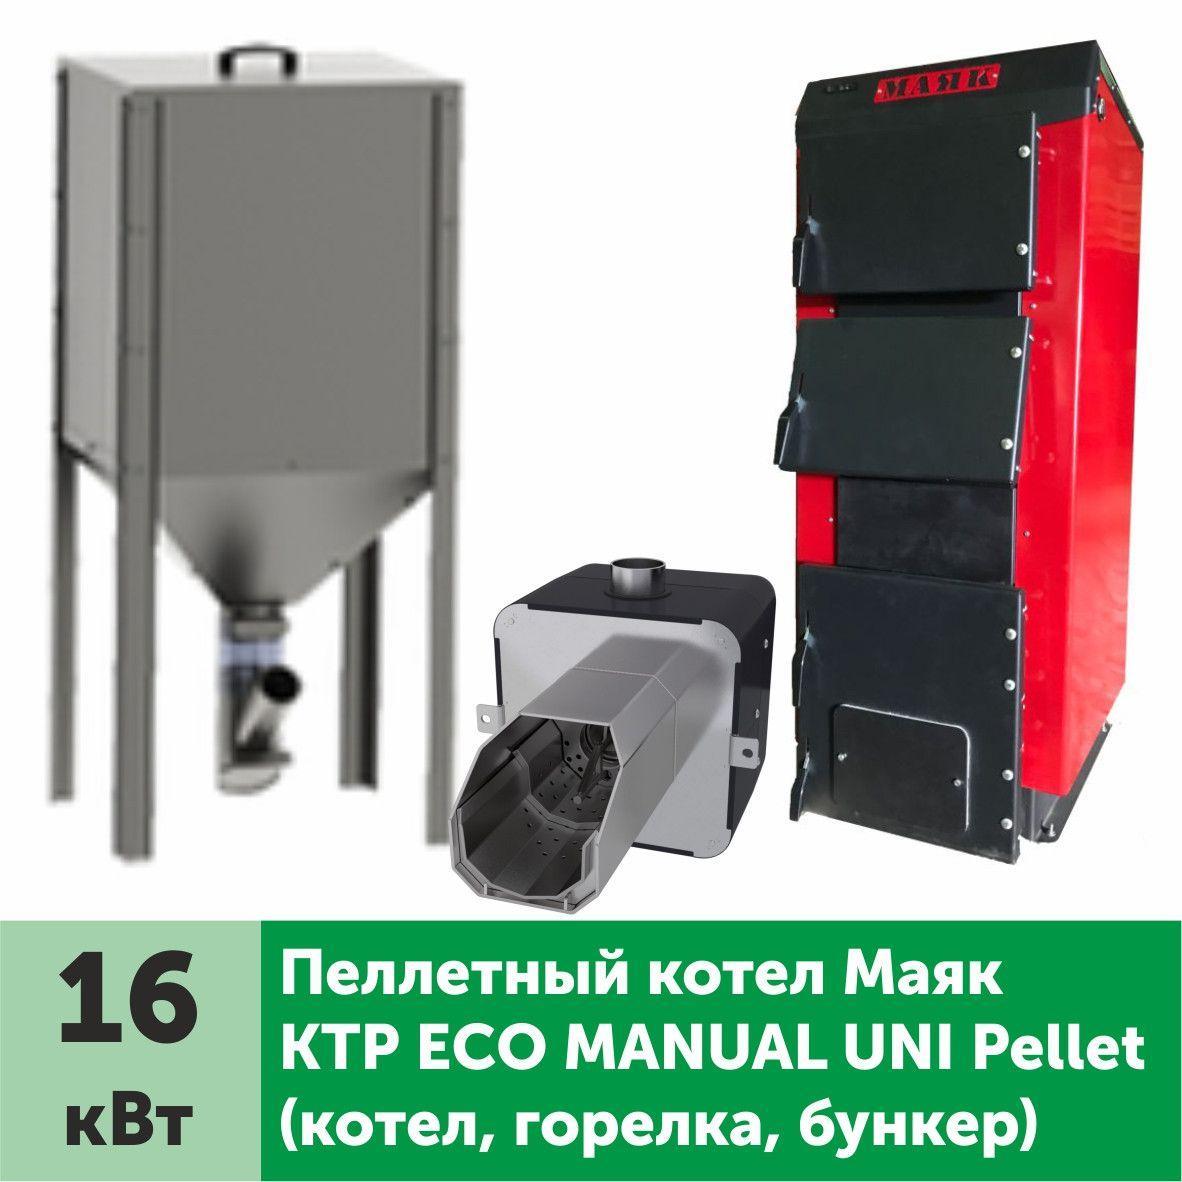 Выбираем пеллетные котлы с автоматической подачей топлива: цены, характеристики